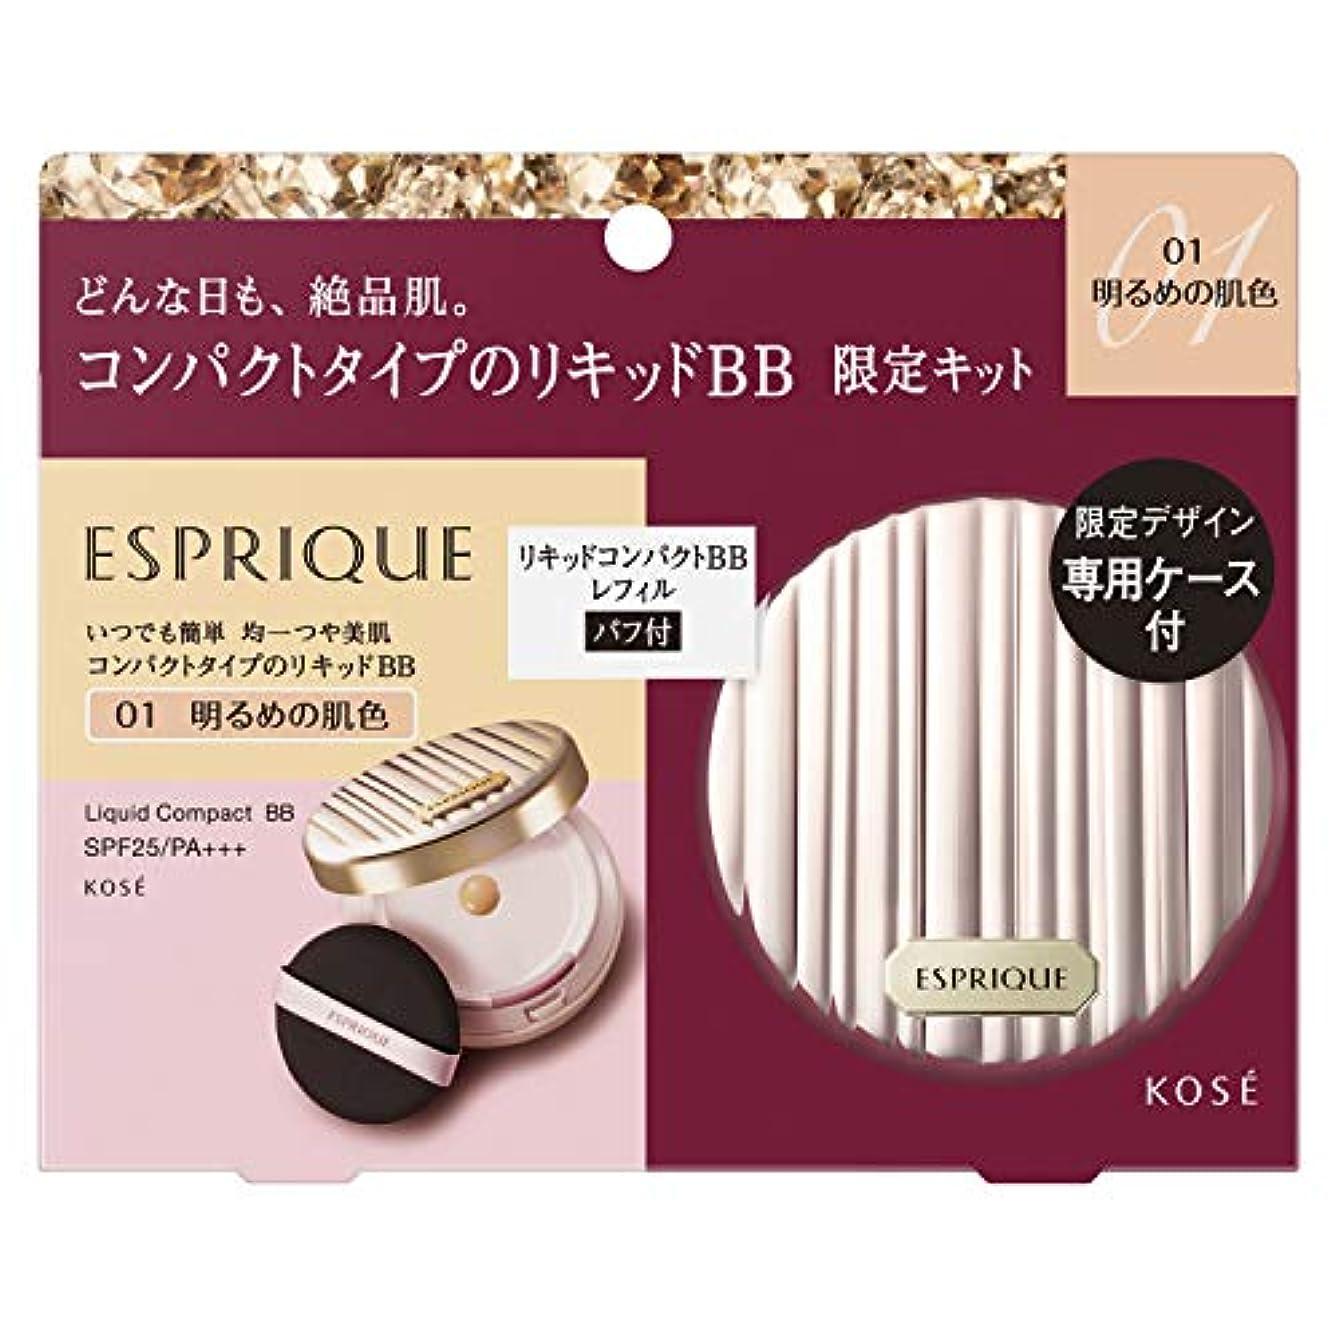 本煙突無効ESPRIQUE(エスプリーク) エスプリーク リキッド コンパクト BB 限定キット 2 BBクリーム 01 明るめの肌色 セット 13g+ケース付き